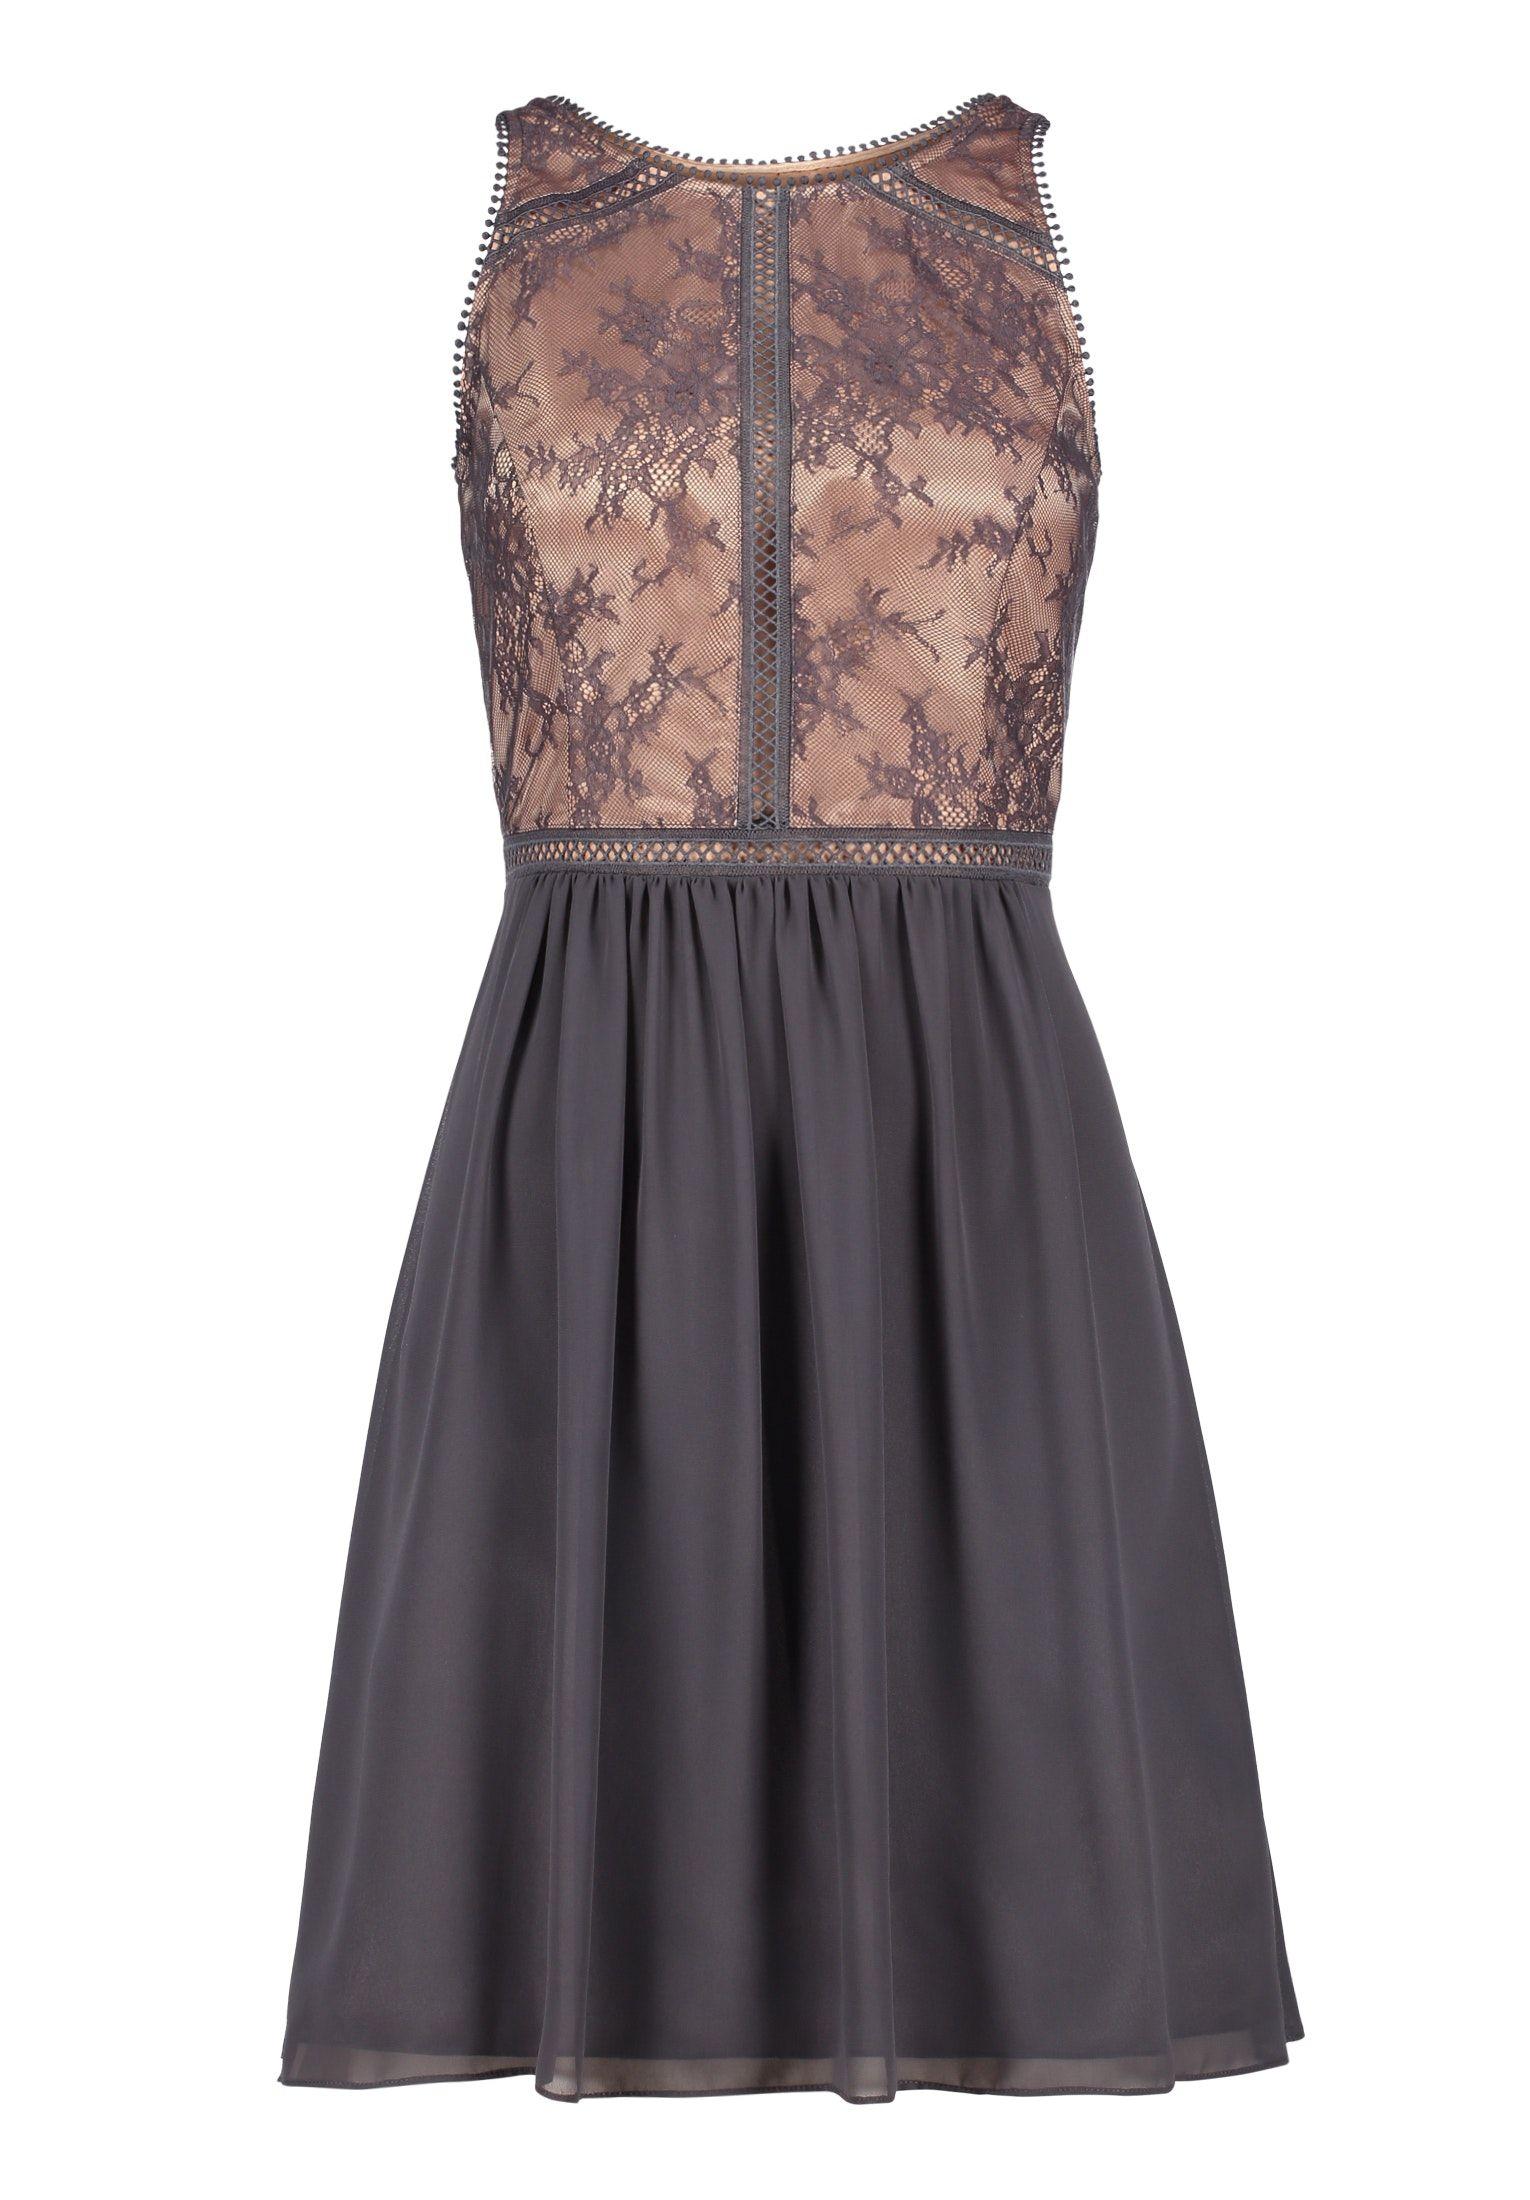 Pin von TS auf Dresses  Abendkleid, Cocktailkleid, Kleider